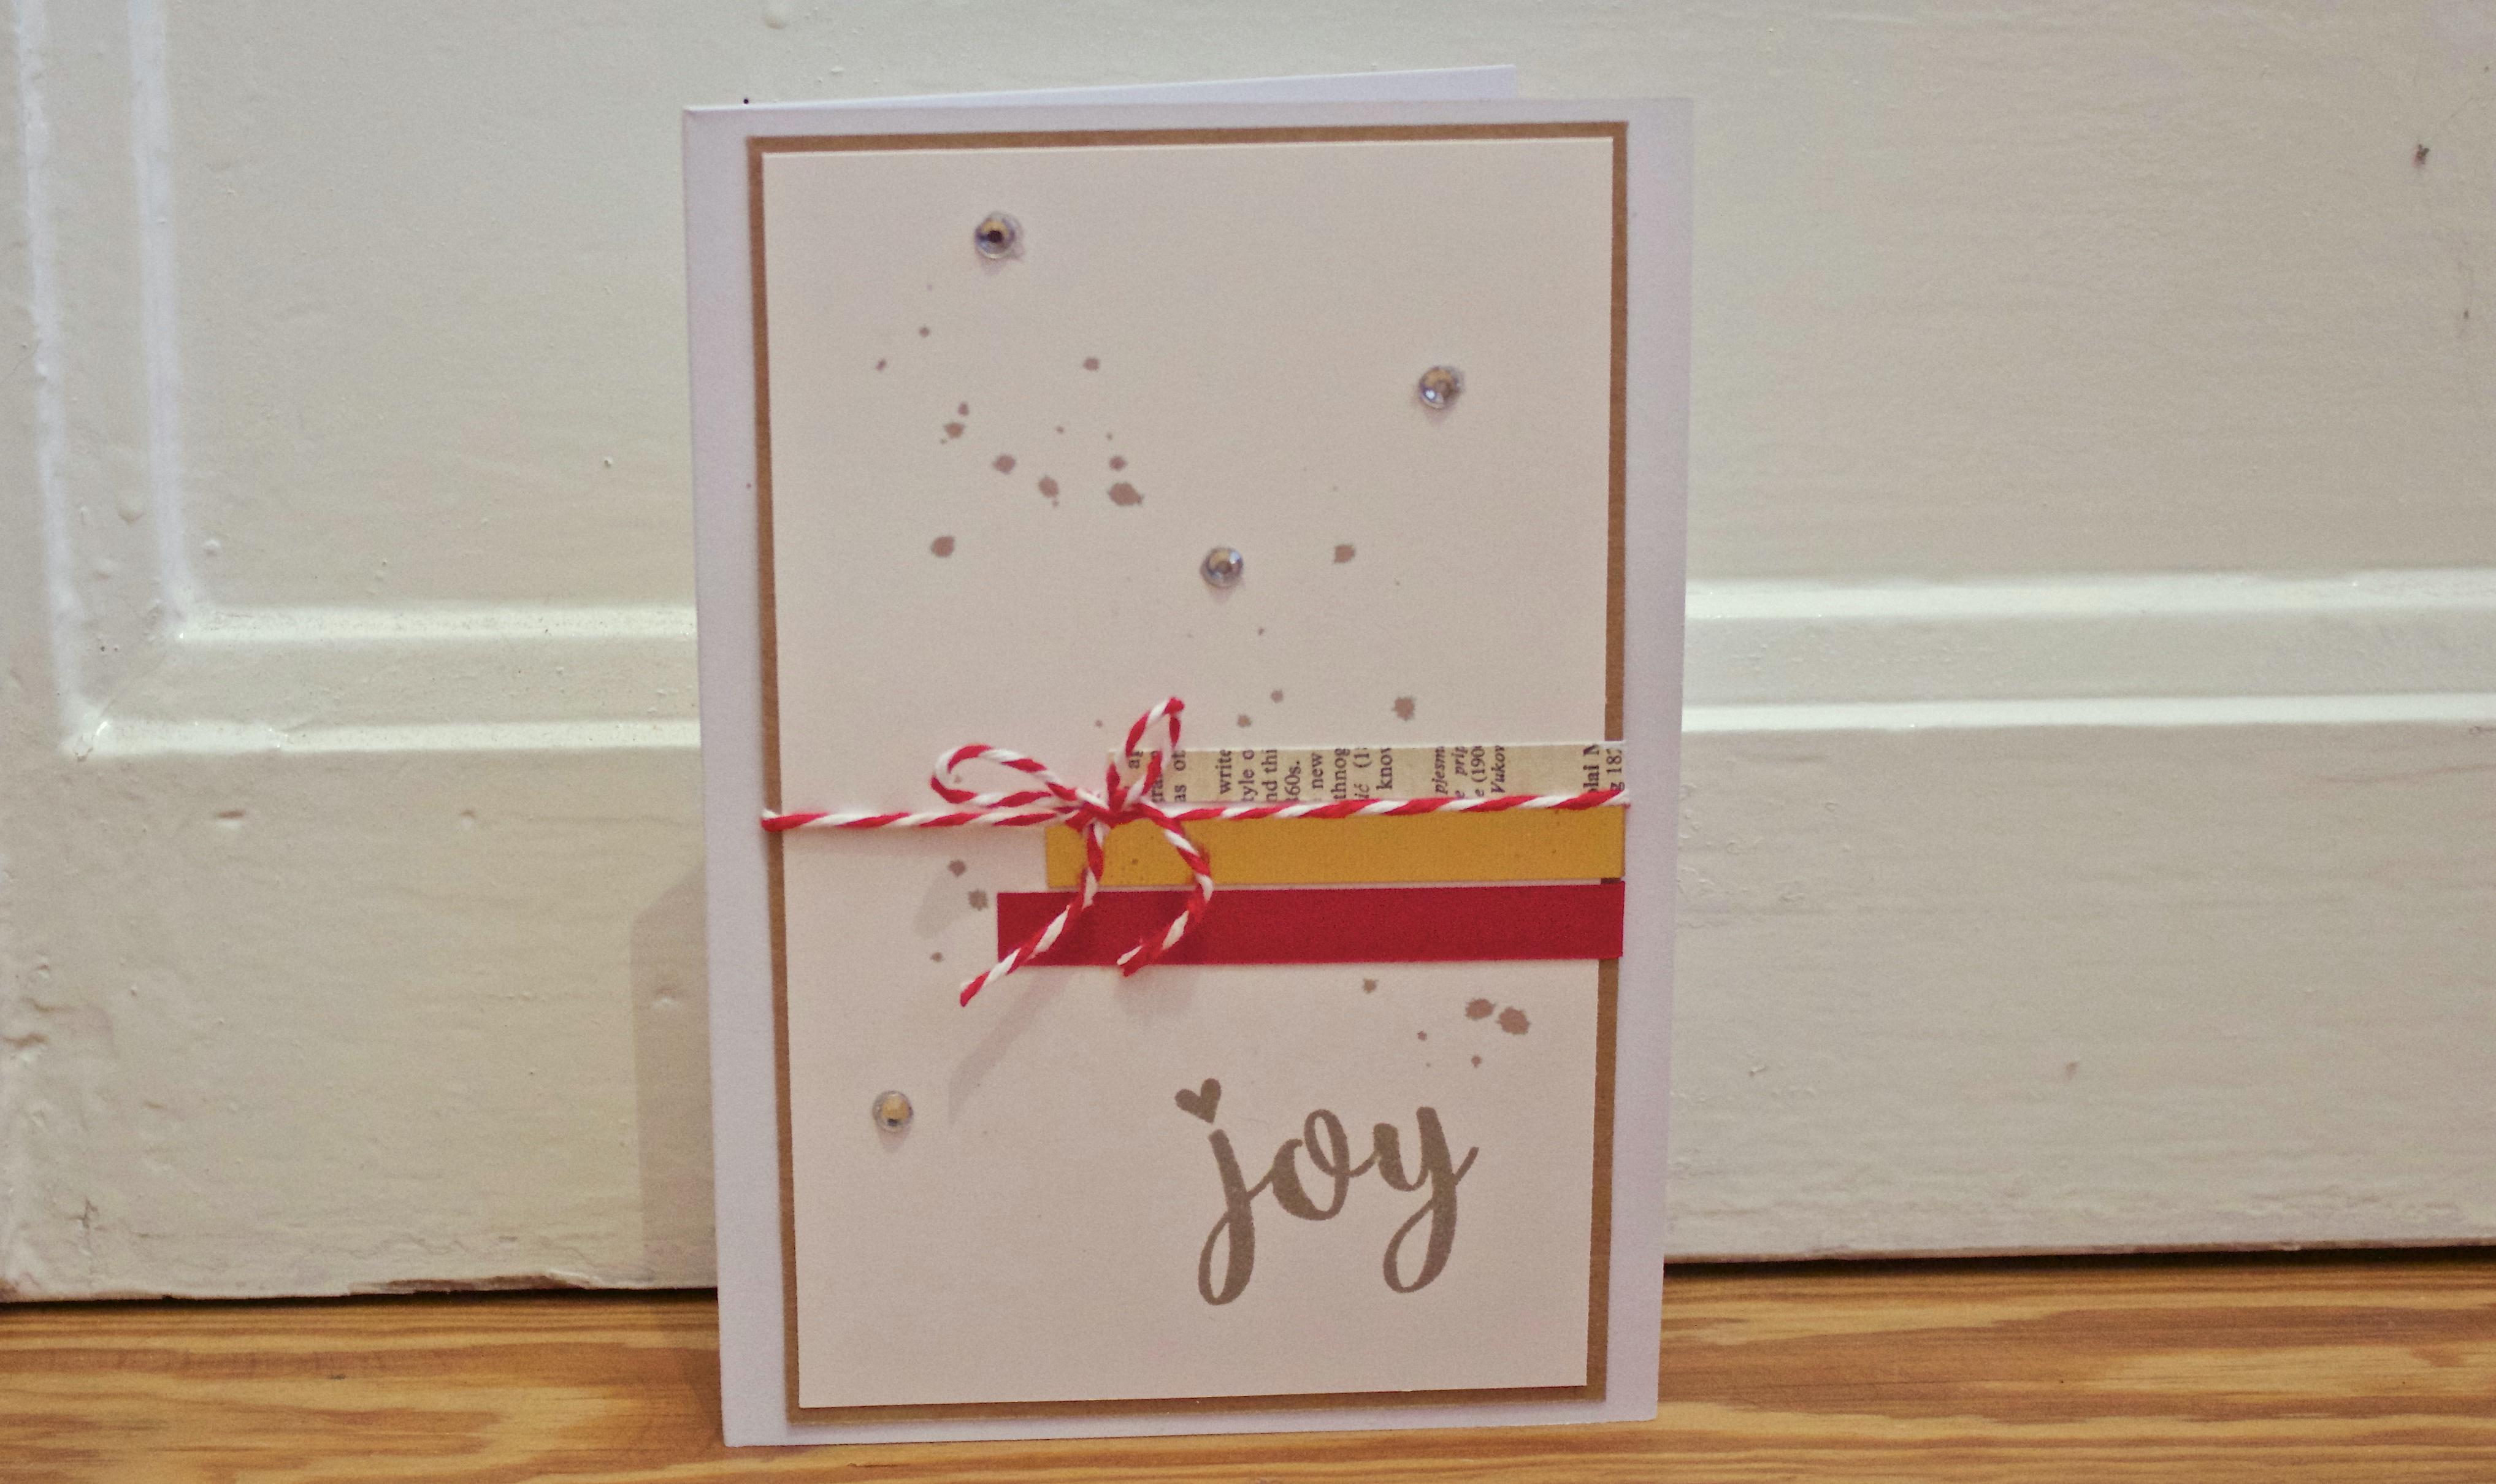 Sara Naumann Joy blog post card